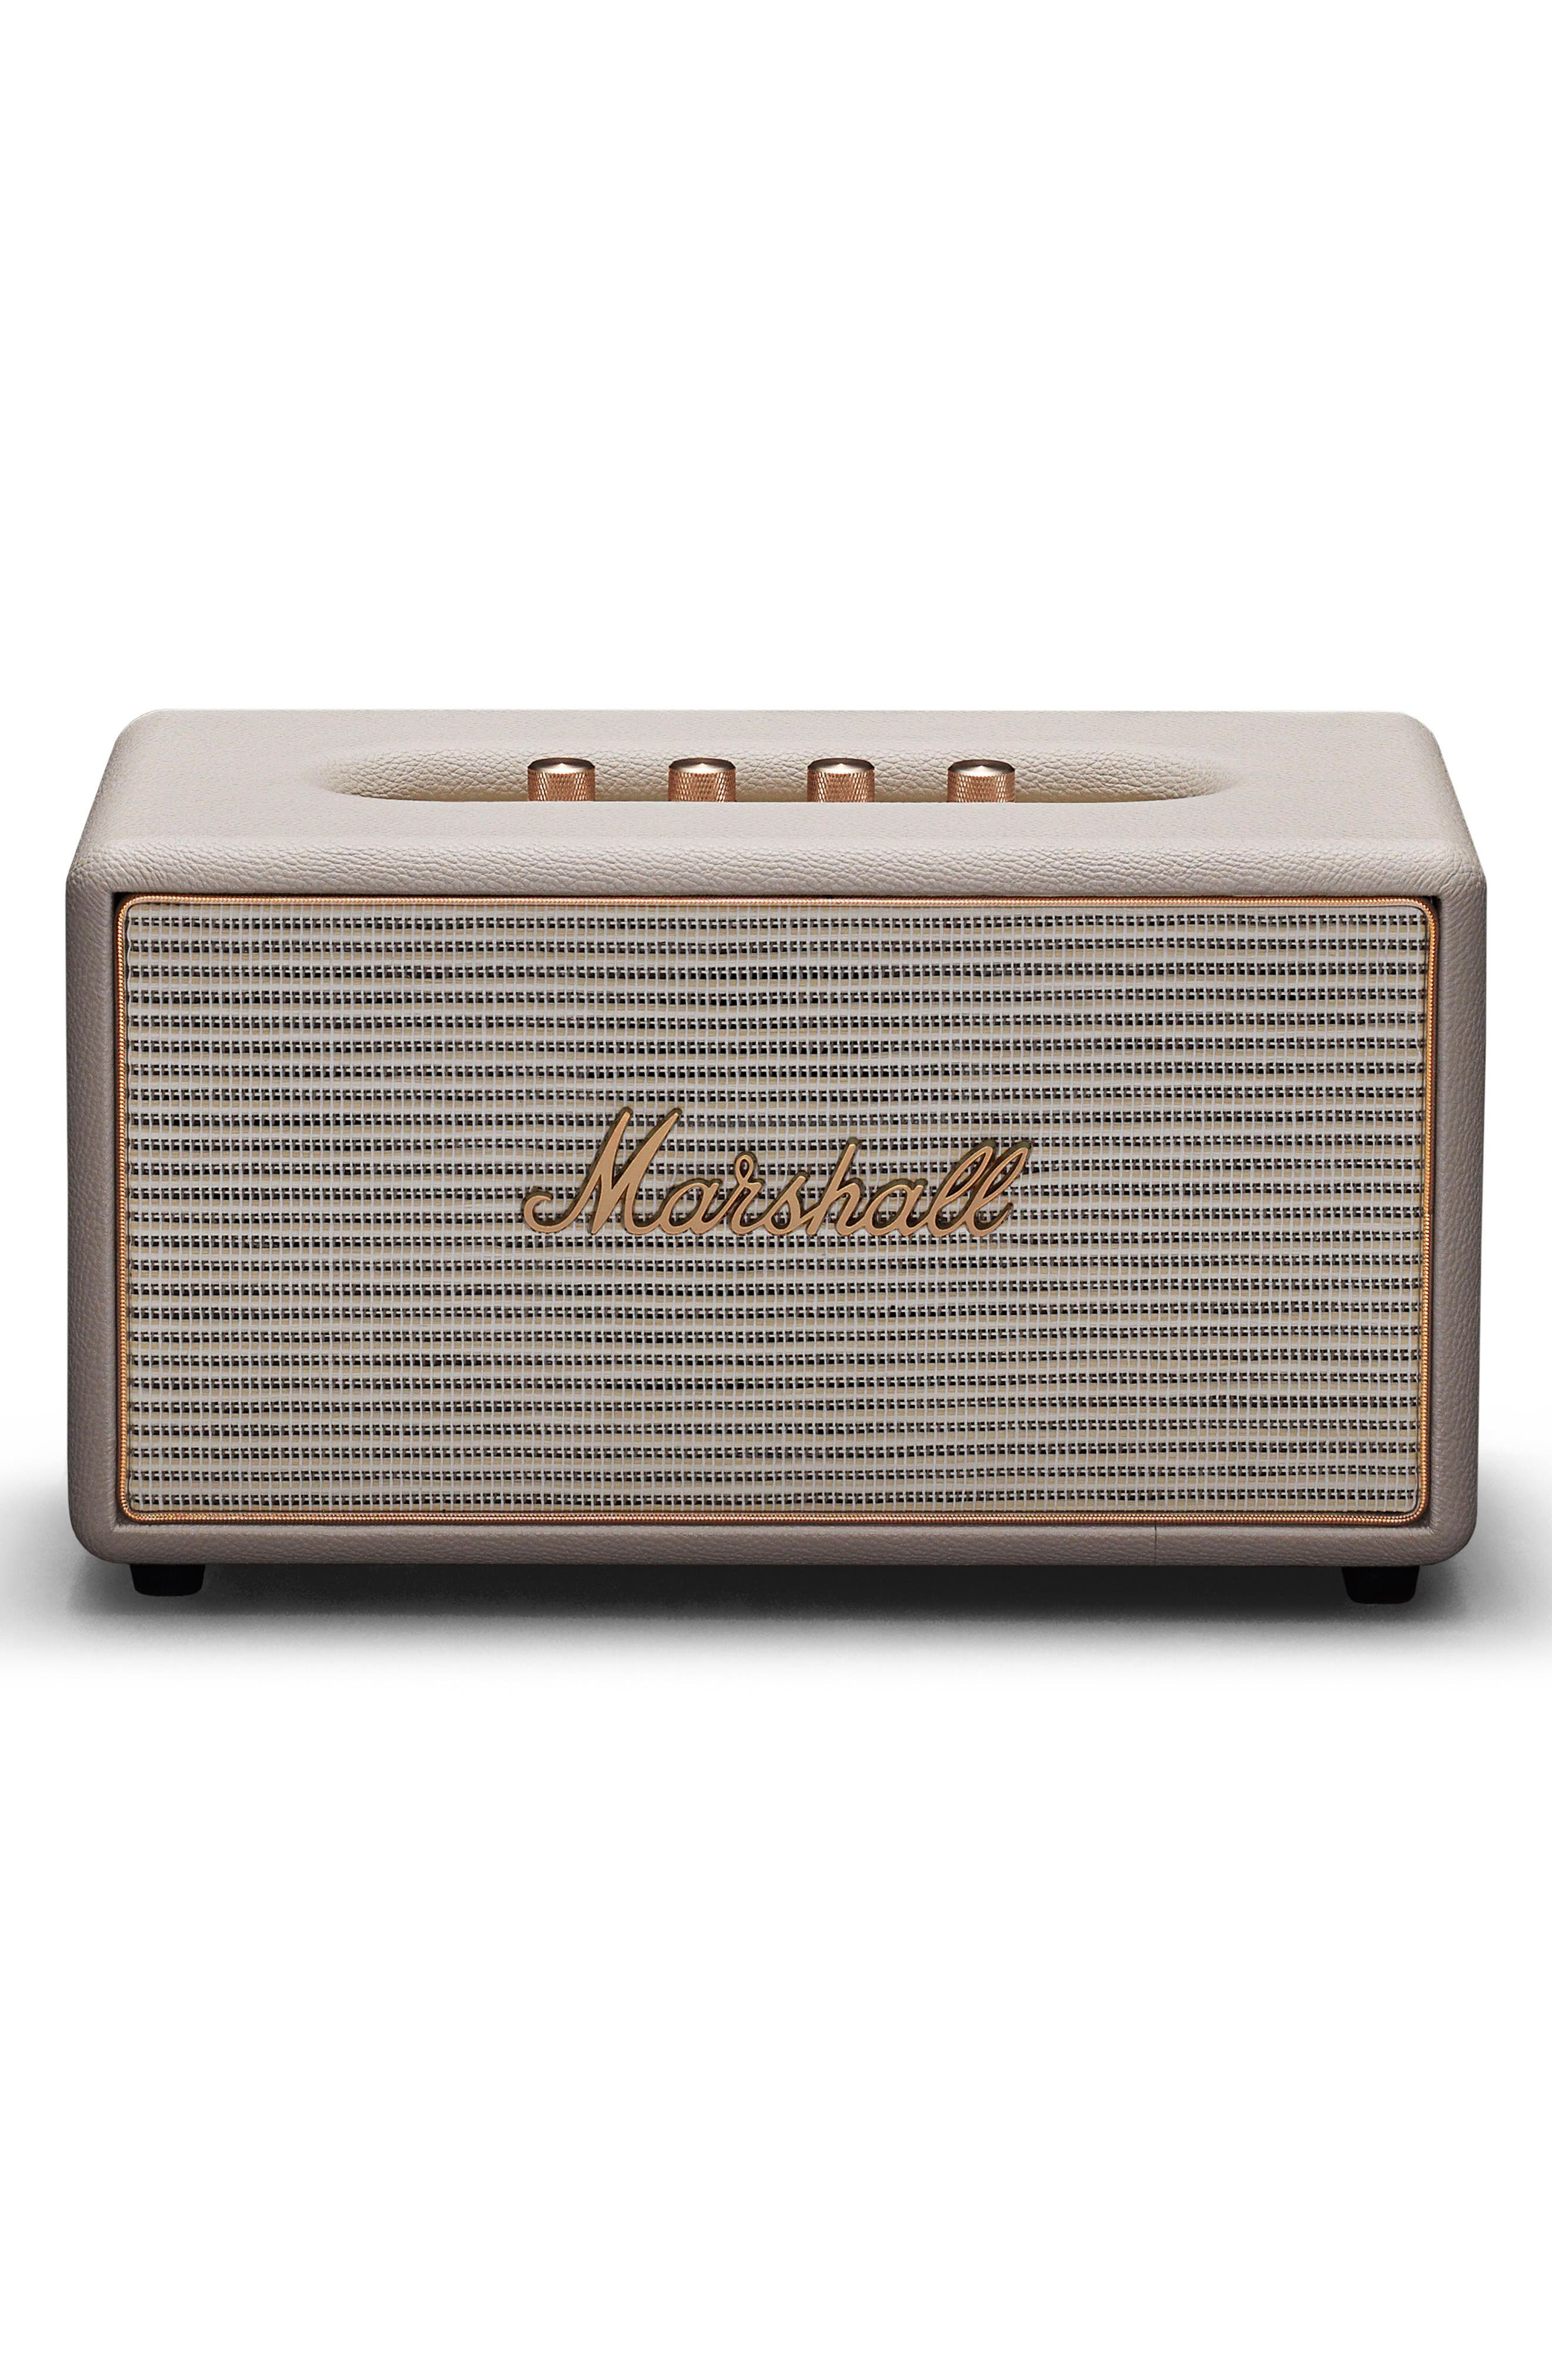 Marshall Stanmore Multi Room WiFi & Bluetooth Speaker